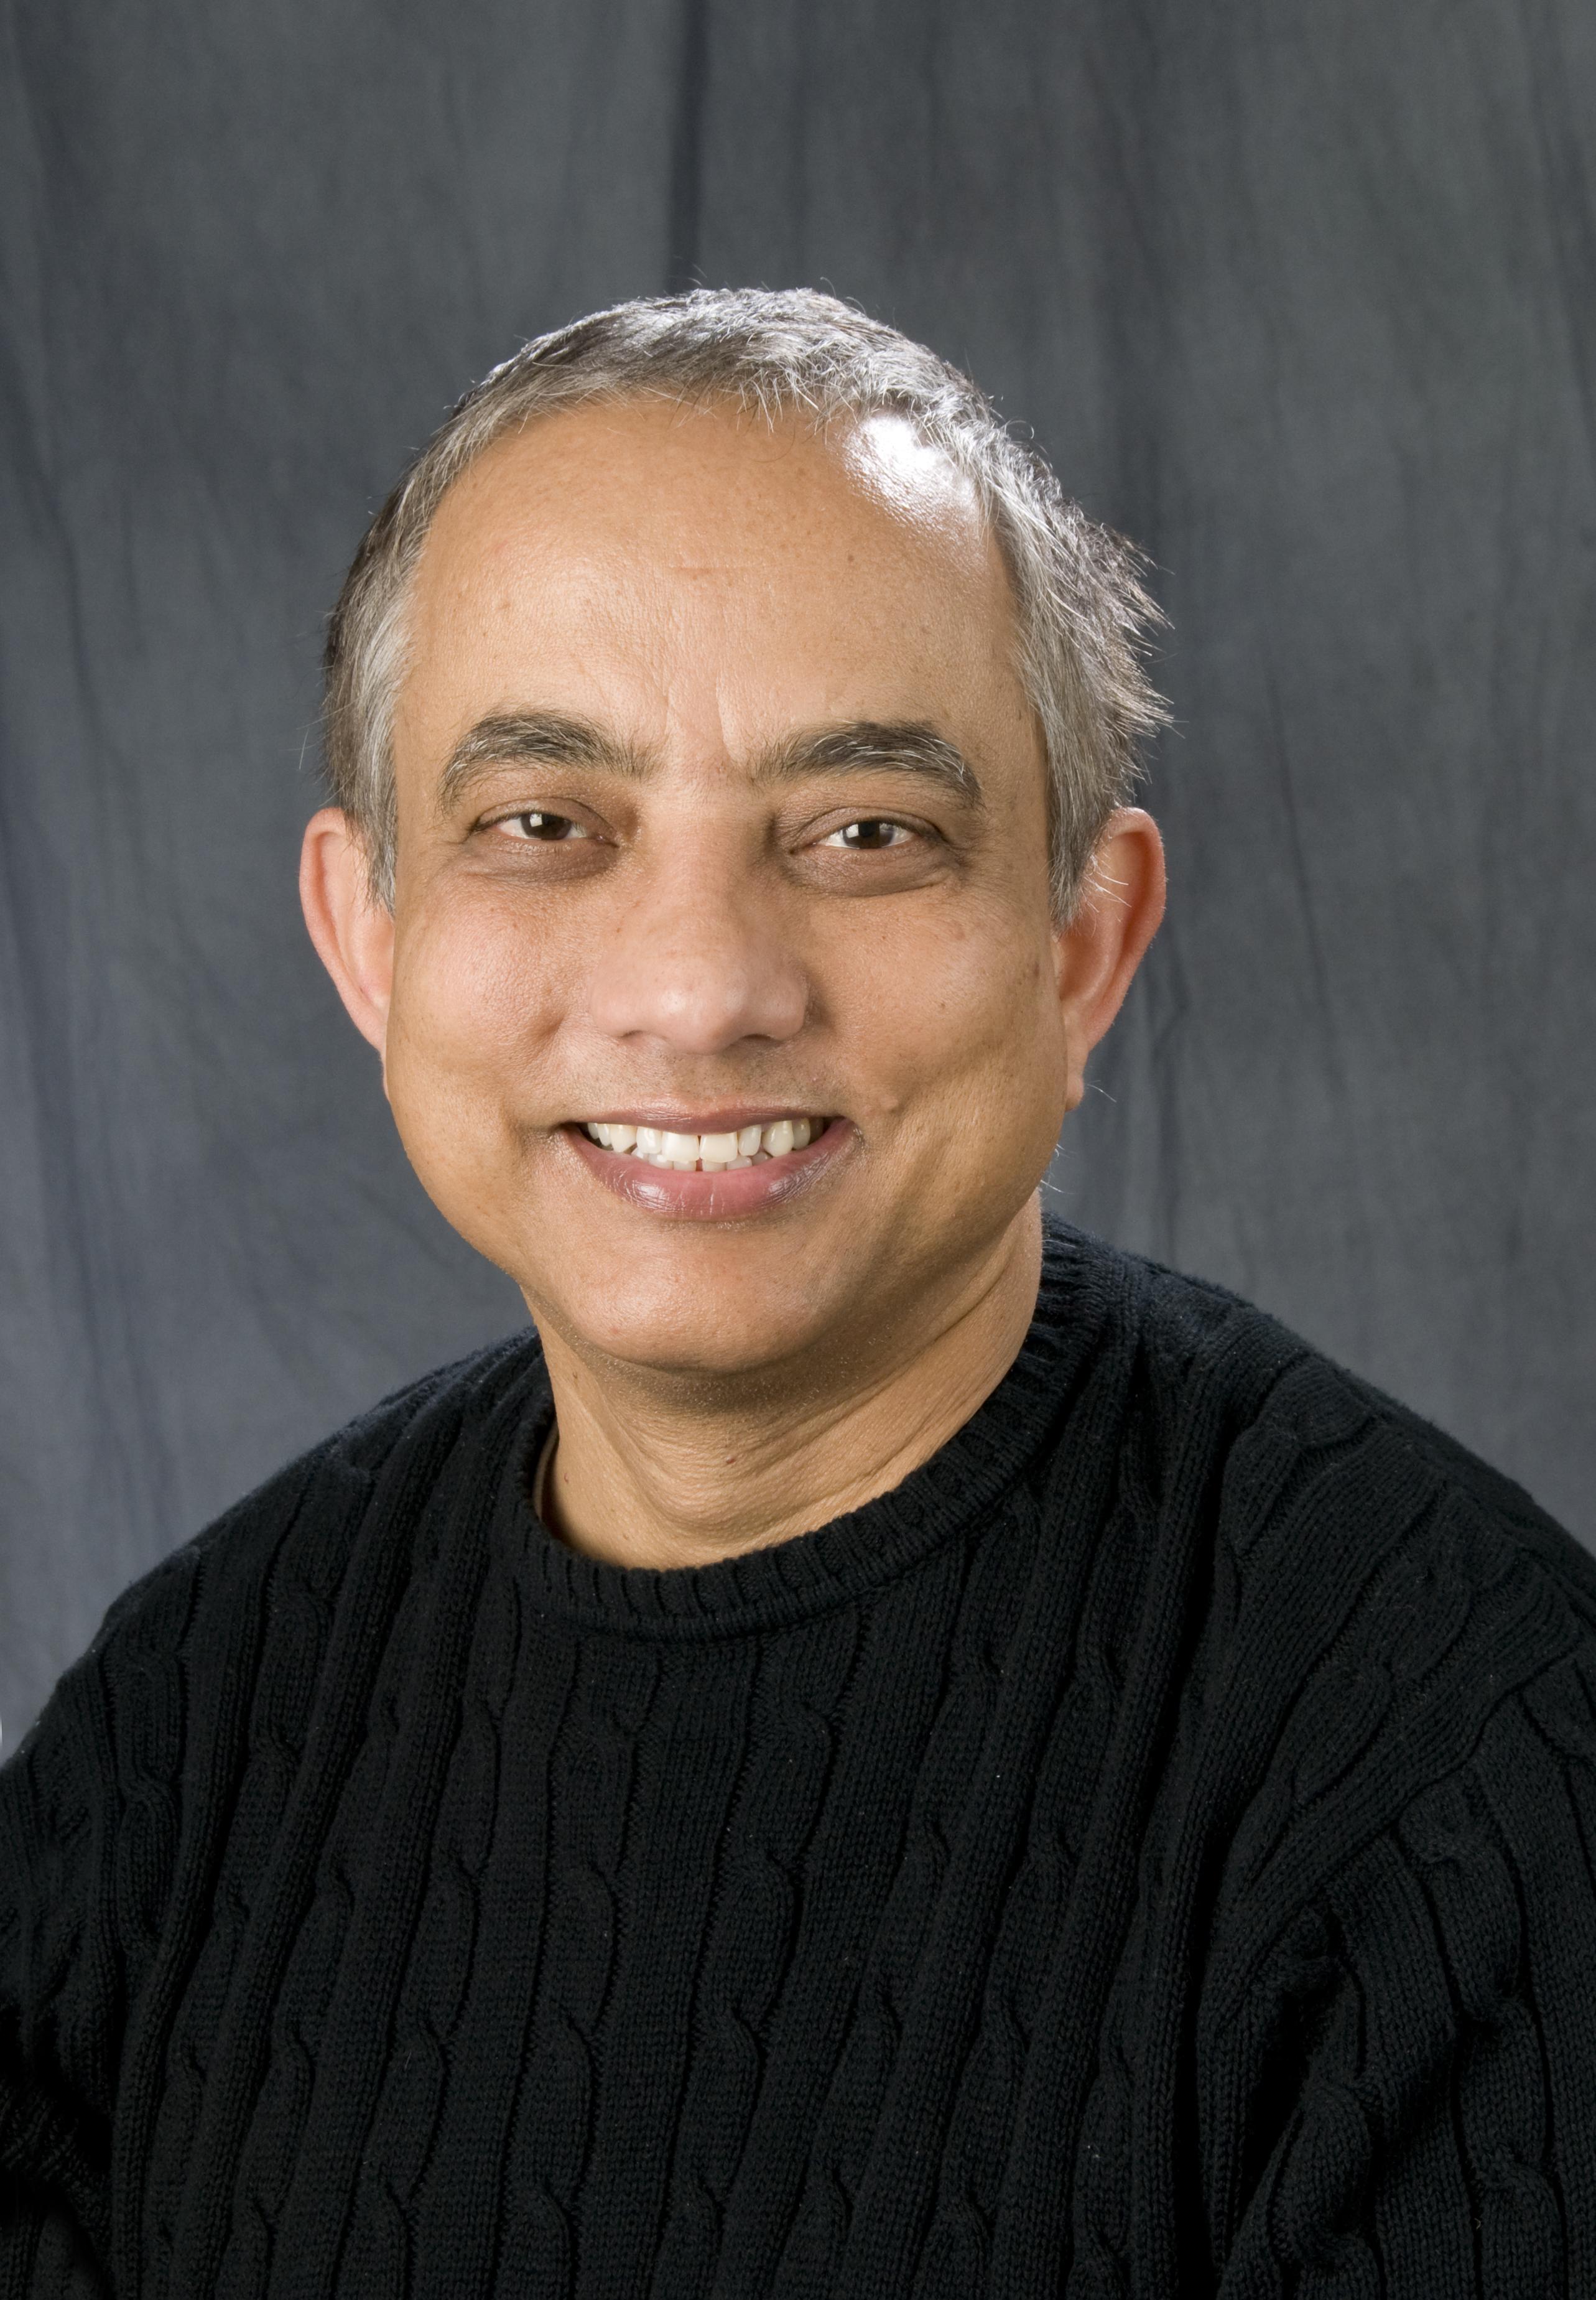 Prabhat Goswami portrait